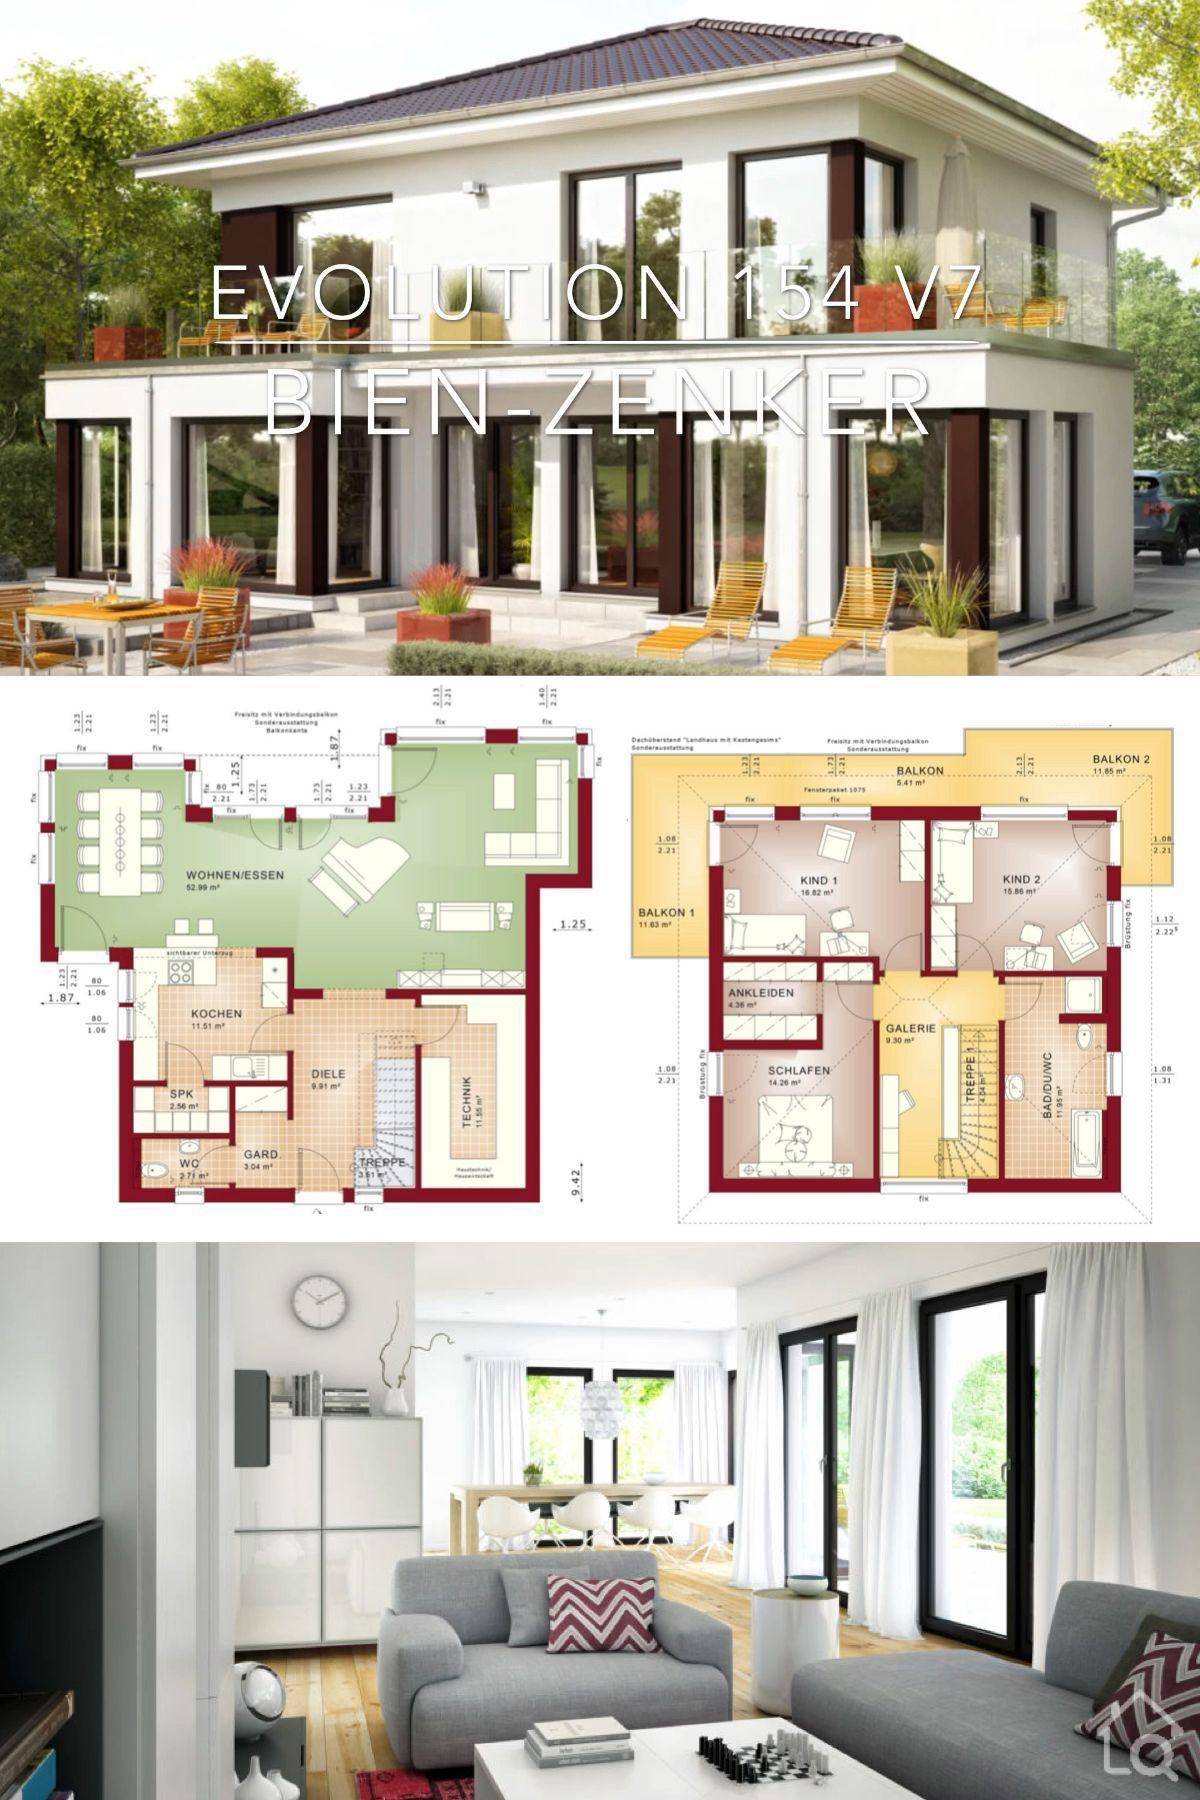 Architettura Case Moderne Idee idee per la progettazione di piani di case moderne e